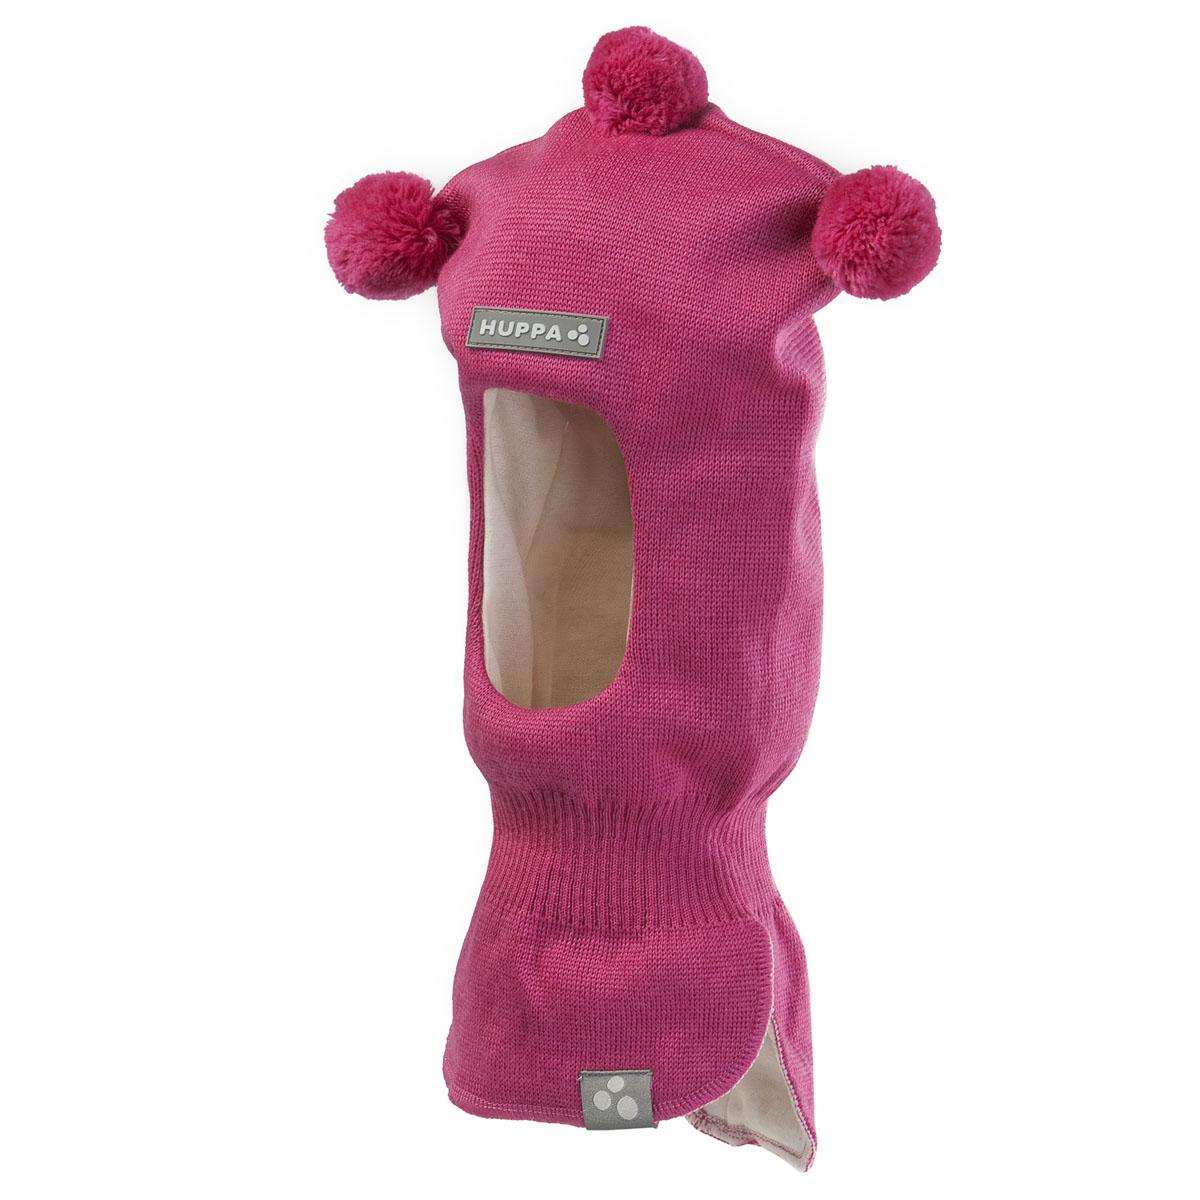 Шапка-шлем детская. 8507AW158507AW15_020Комфортная детская шапка-шлем Huppa идеально подойдет для прогулок в холодное время года. По своей конструкции шлем облегает головку ребенка, надежно защищая ушки, лобик и щечки от продуваний. Шапочка, выполненная из шерстяной и акриловой пряжи, максимально сохраняет тепло, она мягкая и идеально прилегает к голове. Шерсть хорошо тянется и устойчива к сминанию. Мягкая подкладка выполнена из натурального хлопка, поэтому шапка хорошо сохраняет тепло. Шапочка украшена на макушке тремя небольшими помпонами. С внутренней стороны в районе ушек предусмотрены специальные скрытые вставки, чтобы ушки вашего ребенка не продувались. Также изделие дополнено небольшой нашивкой с названием бренда и светоотражающей вставкой для безопасности ребенка в темное время суток. Оригинальный дизайн и расцветка делают эту шапку стильным предметом детского гардероба. В ней ваш ребенок будет чувствовать себя уютно и комфортно. Уважаемые клиенты! Размер,...